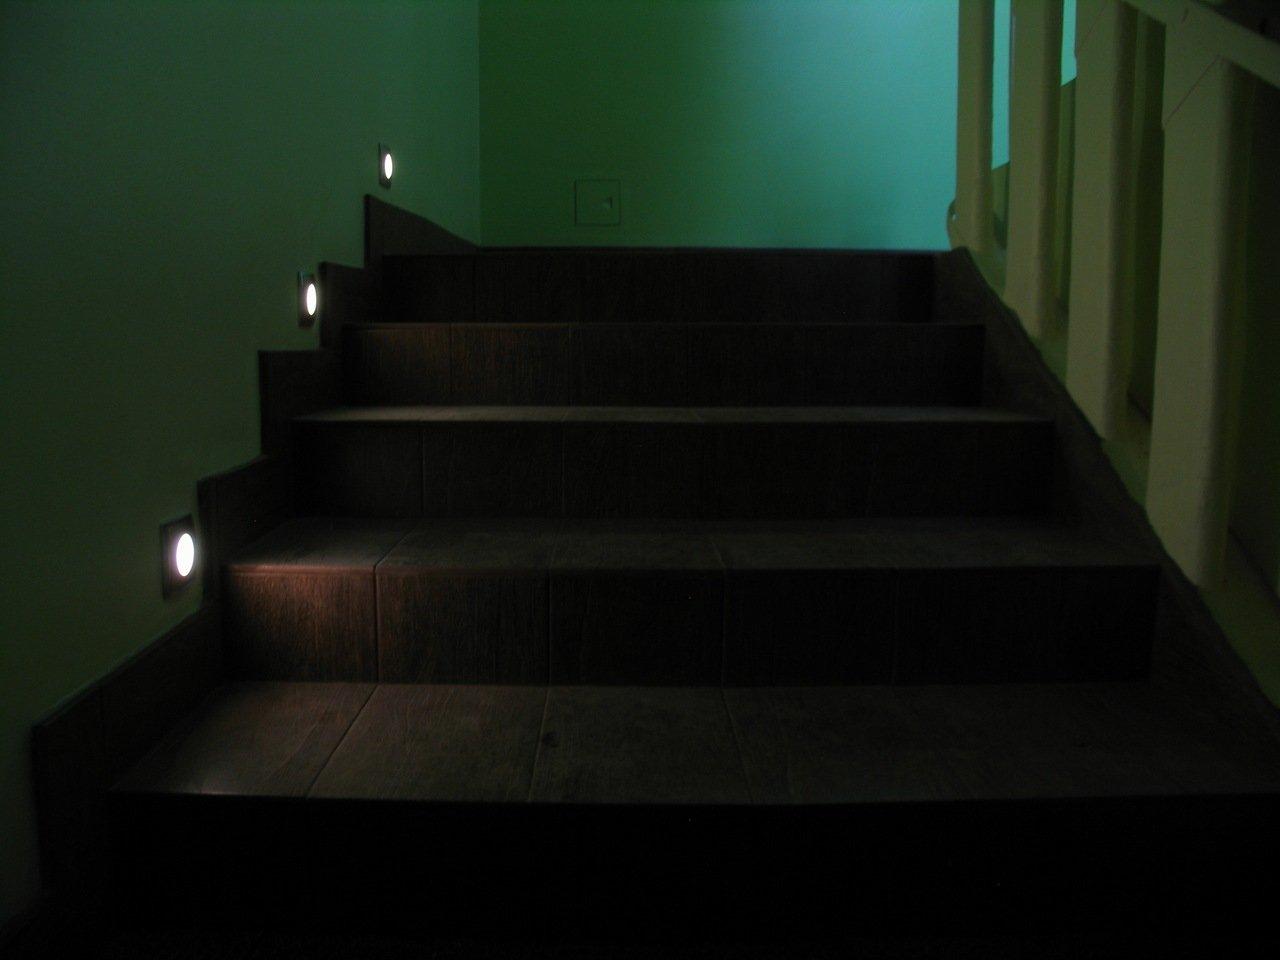 Светильники для подсветки ступеней лестницы фото